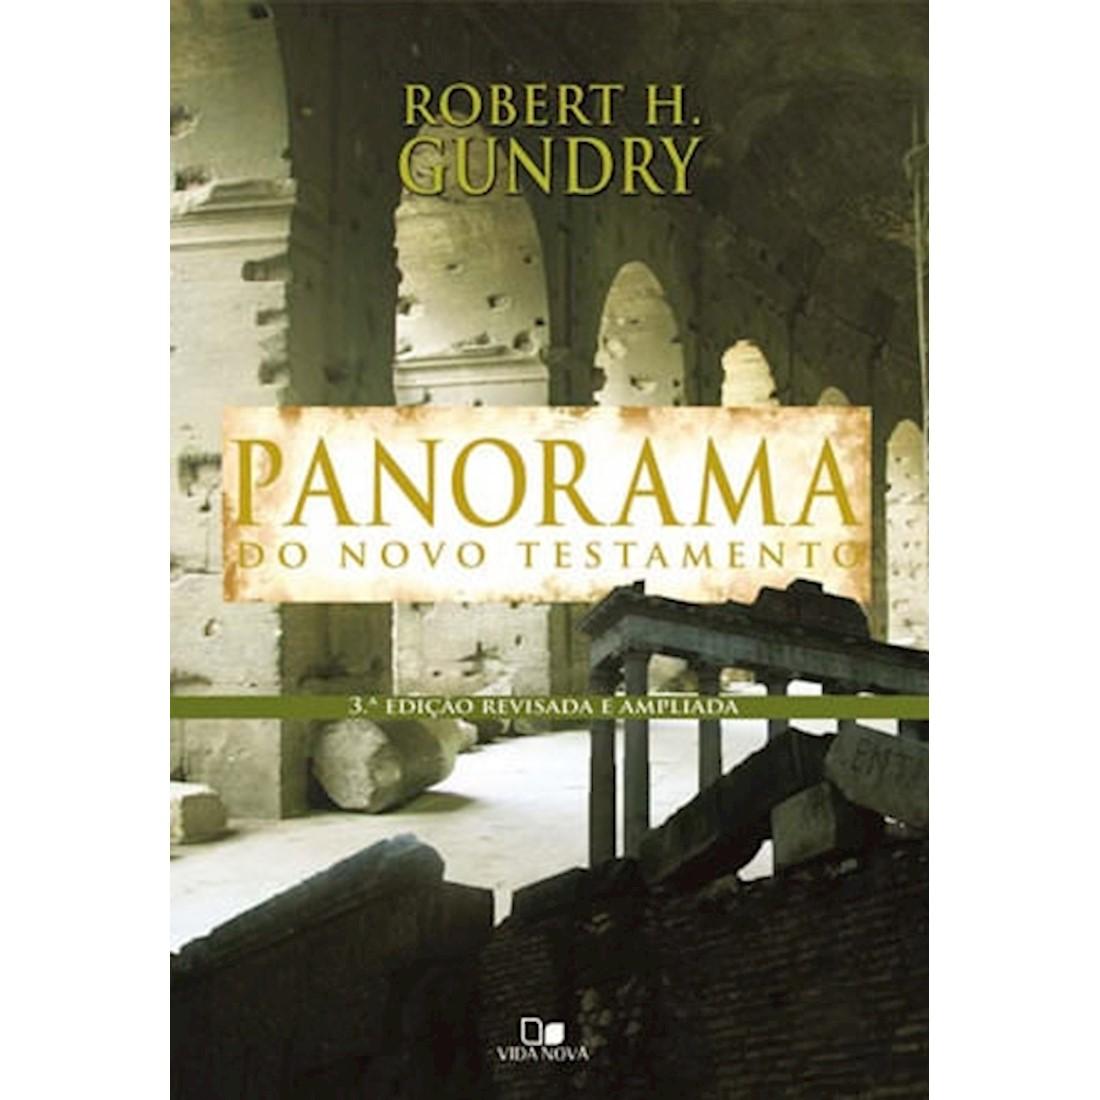 Livro Panorama do Novo Testamento - 3.o. Edição Revisada e Ampliada